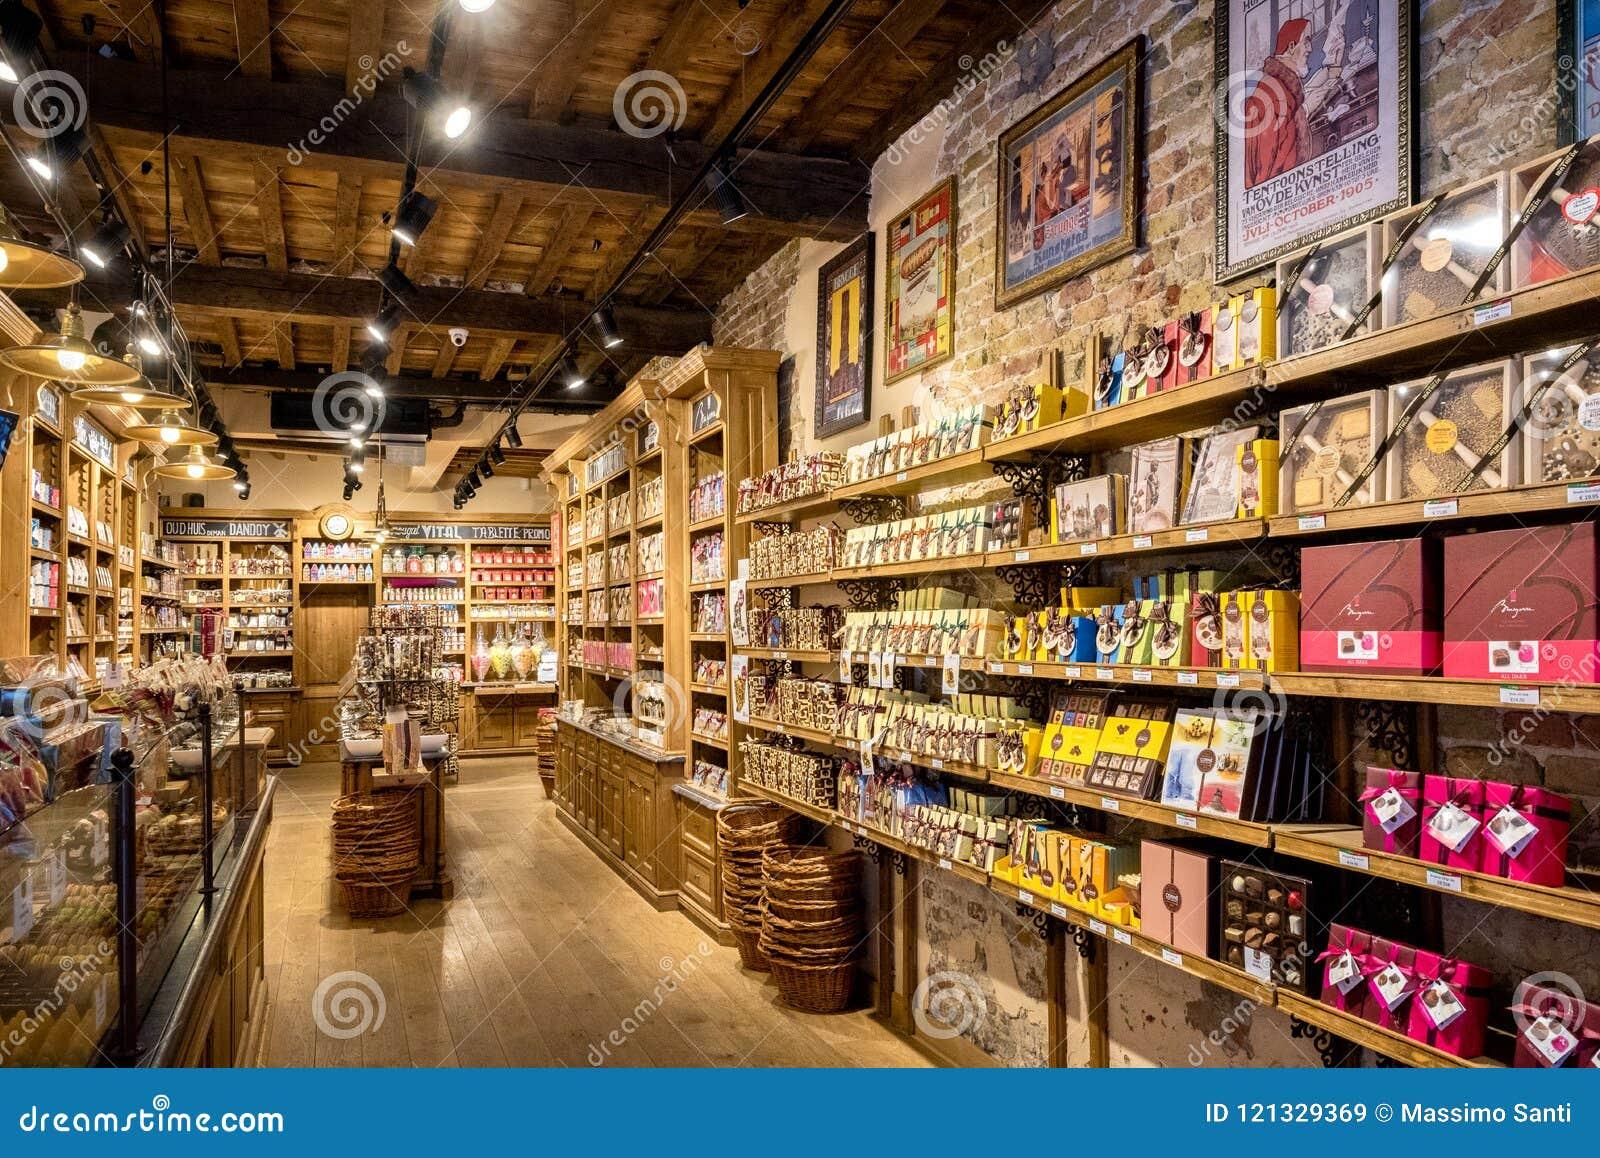 Bruges è inoltre famosa per la sua arte più chocolatier, con molti negozi che vendono il loro cioccolato artigiano-fatto belgium